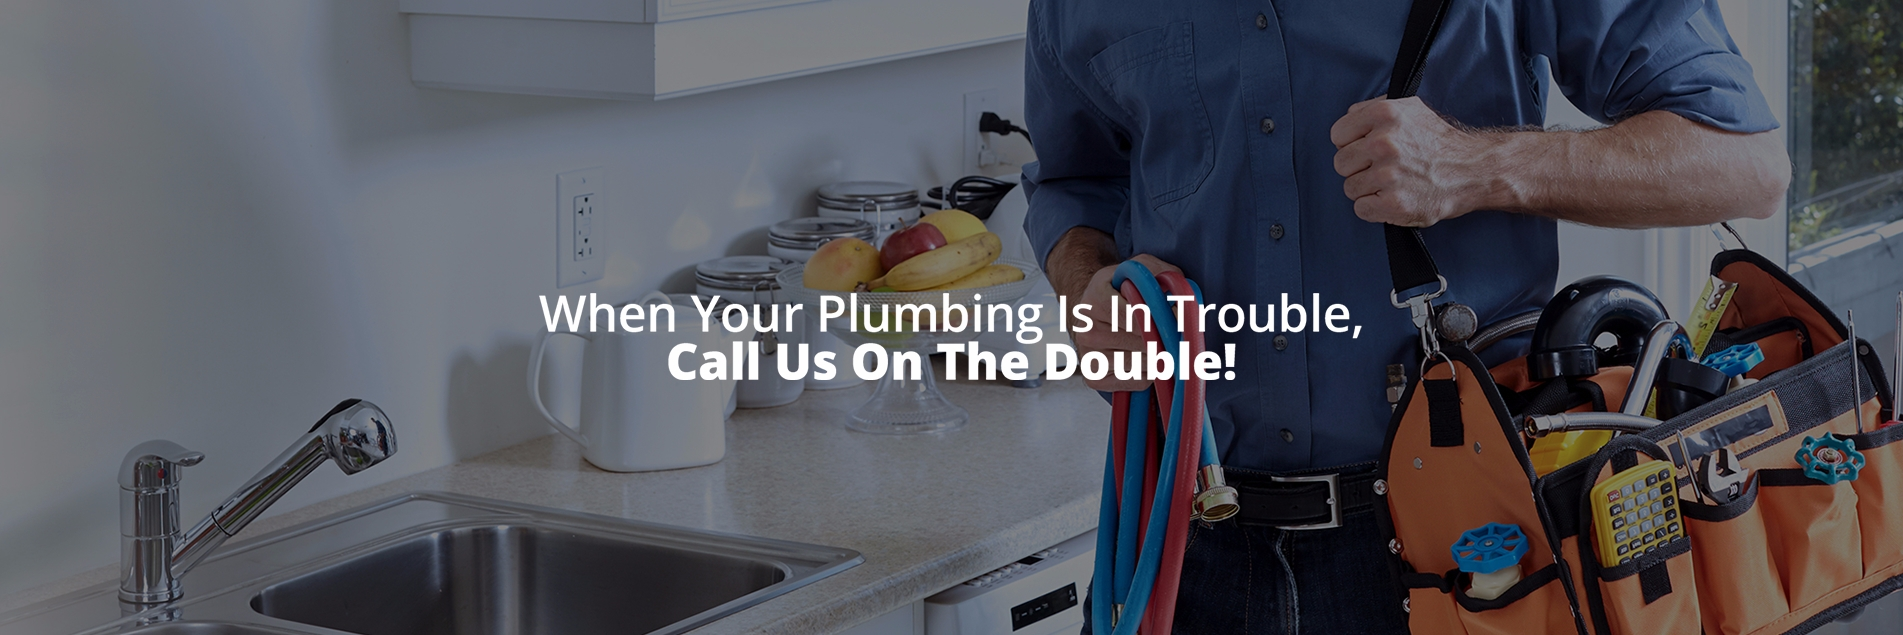 Ram Plumbing, Inc. (@ramplumbinginc) Cover Image